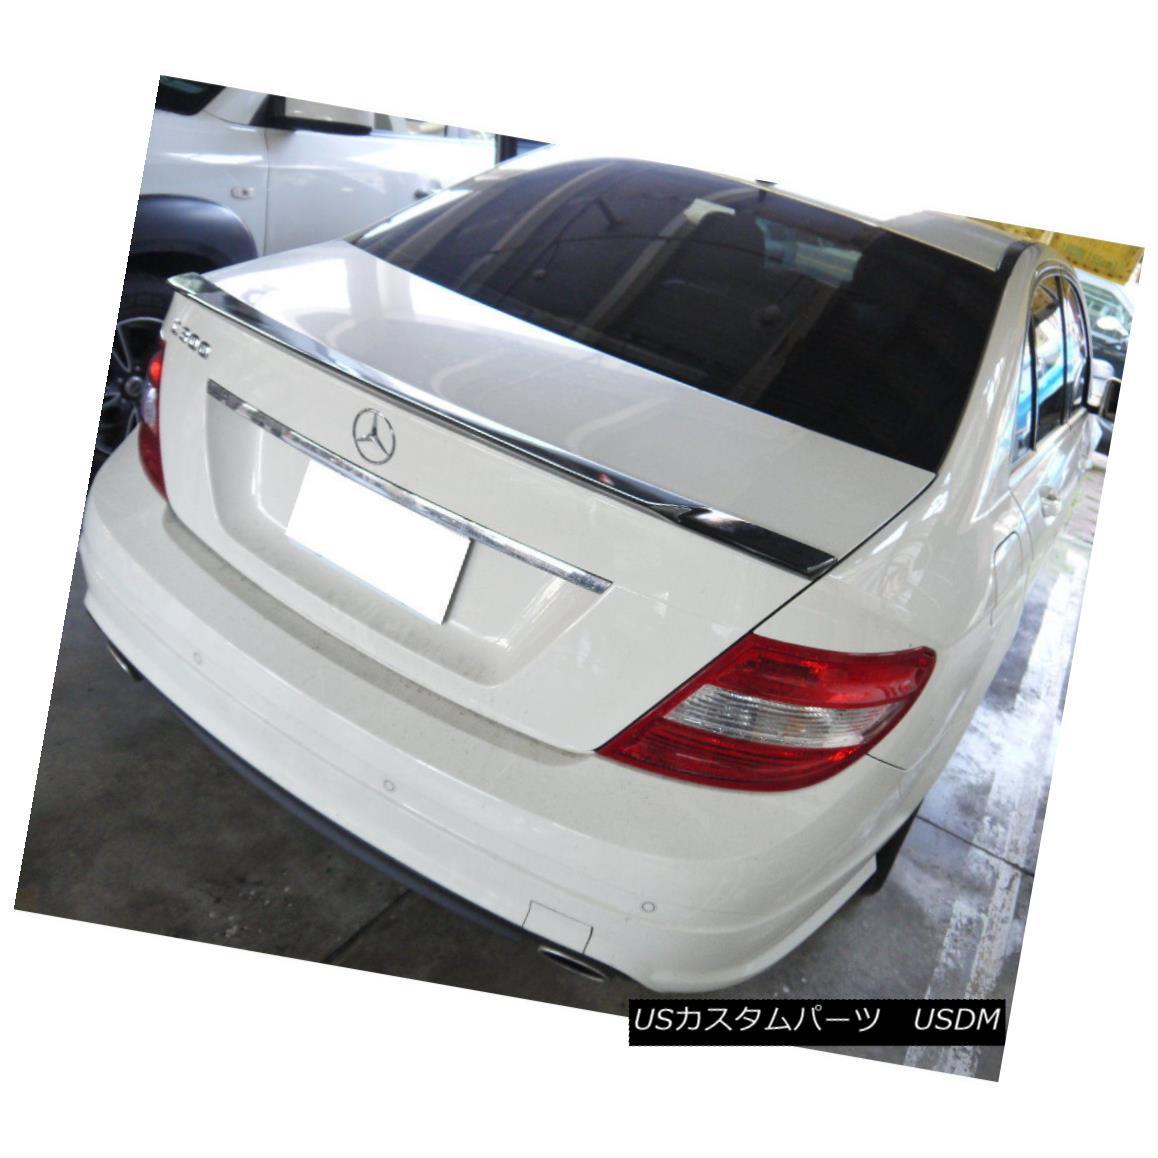 エアロパーツ Carbon Fiber V Look Rear Trunk Spoiler Wing For 08~13 Mercedes Benz C W204 Sedan カーボンファイバーVルーフリヤトランクスポイラーウイング08?13メルセデスベンツC W204セダン